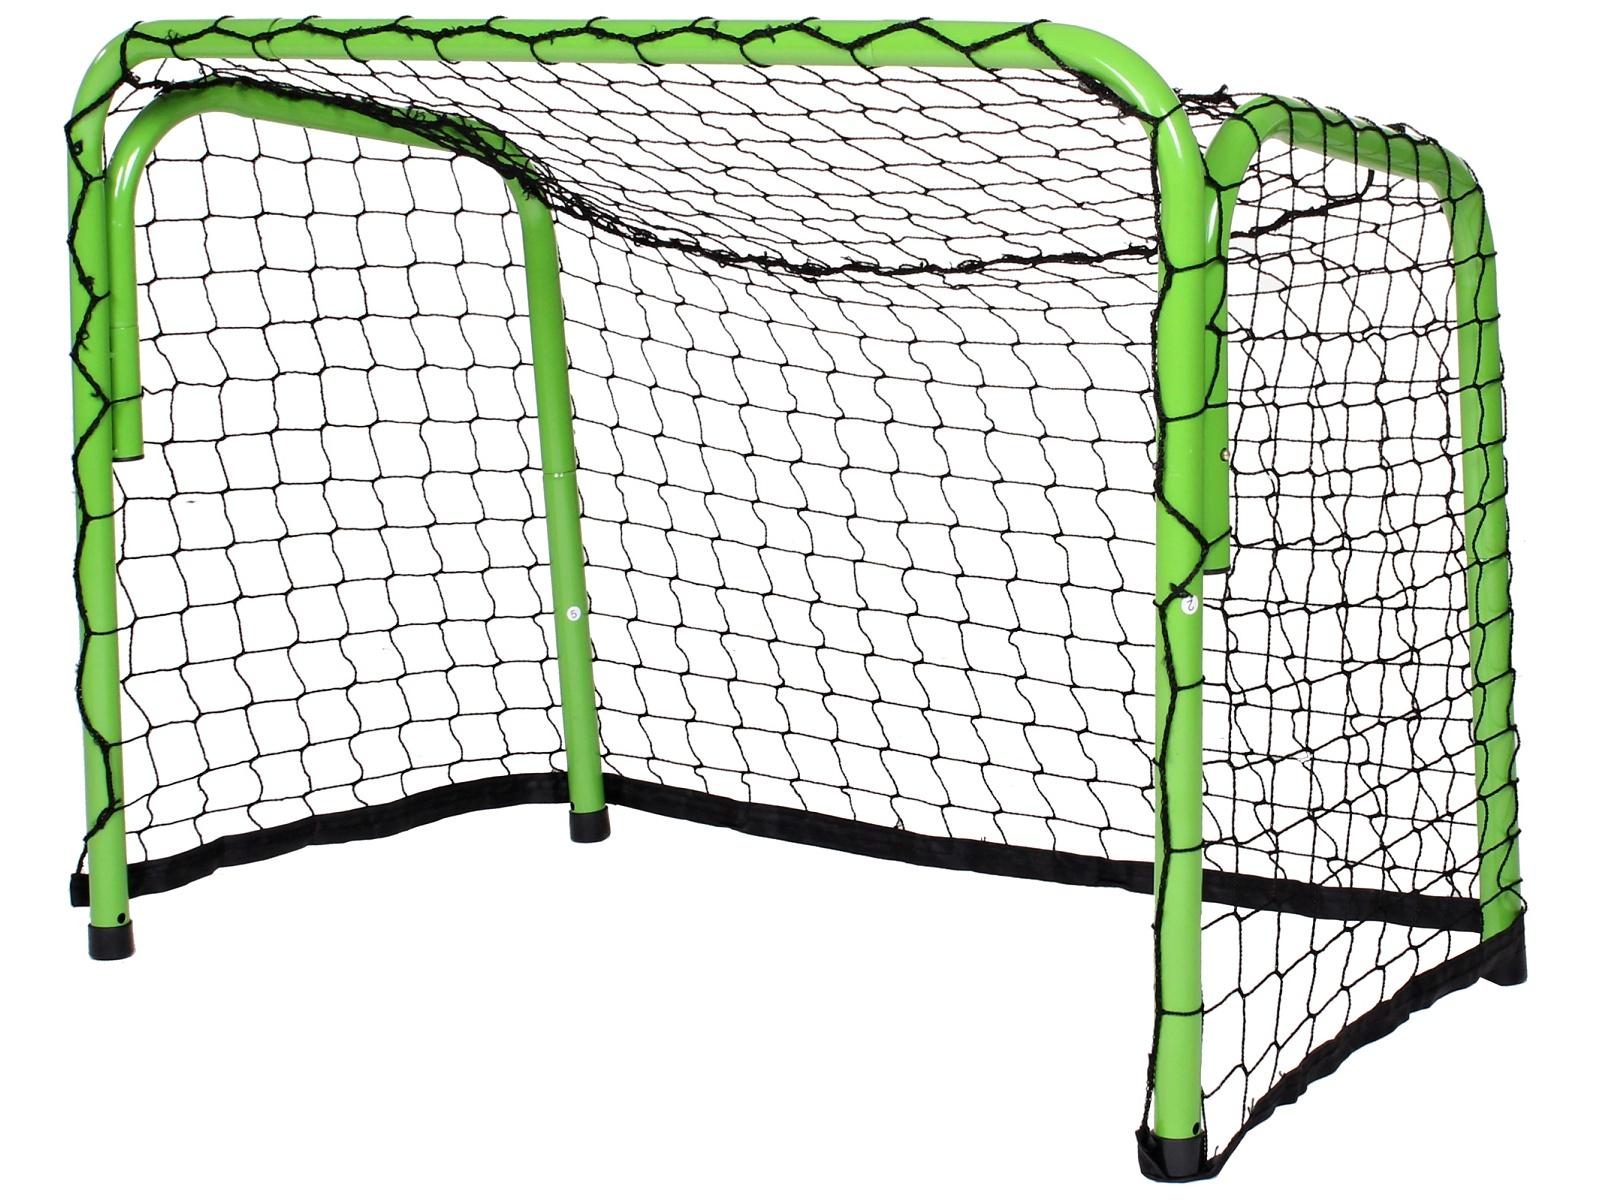 Futbalová bránka MERCO 90 x 60 x 40 cm, skladacia, detská